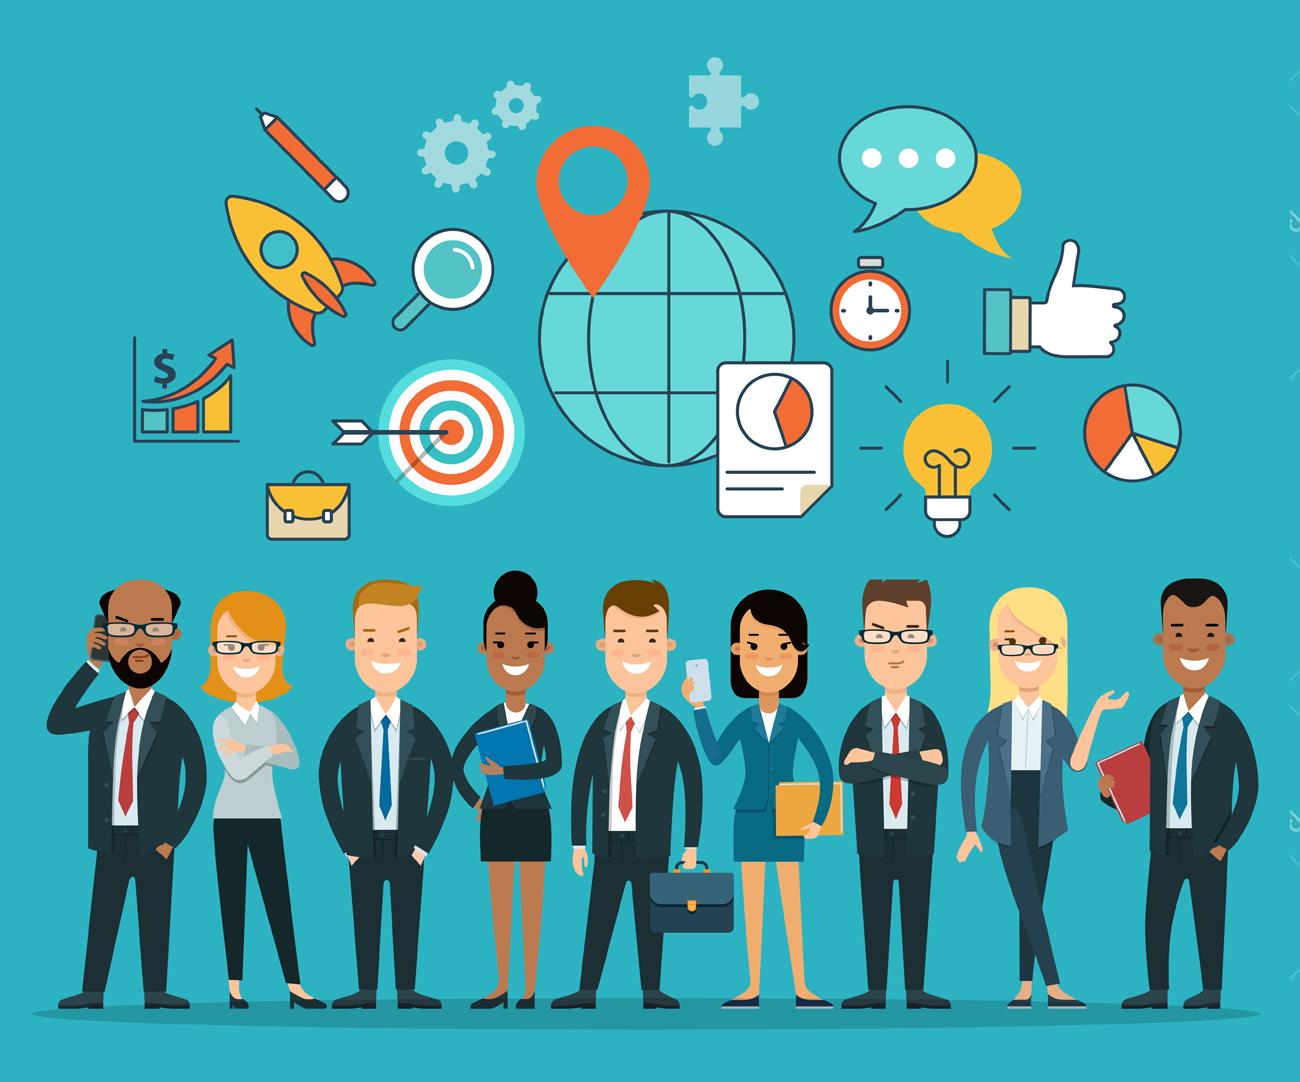 Những lợi ích khi công ty/ doanh nghiệp có giấy phép kinh doanh là gì? -  BRAVOLAW Tư vấn luật Doanh Nghiệp